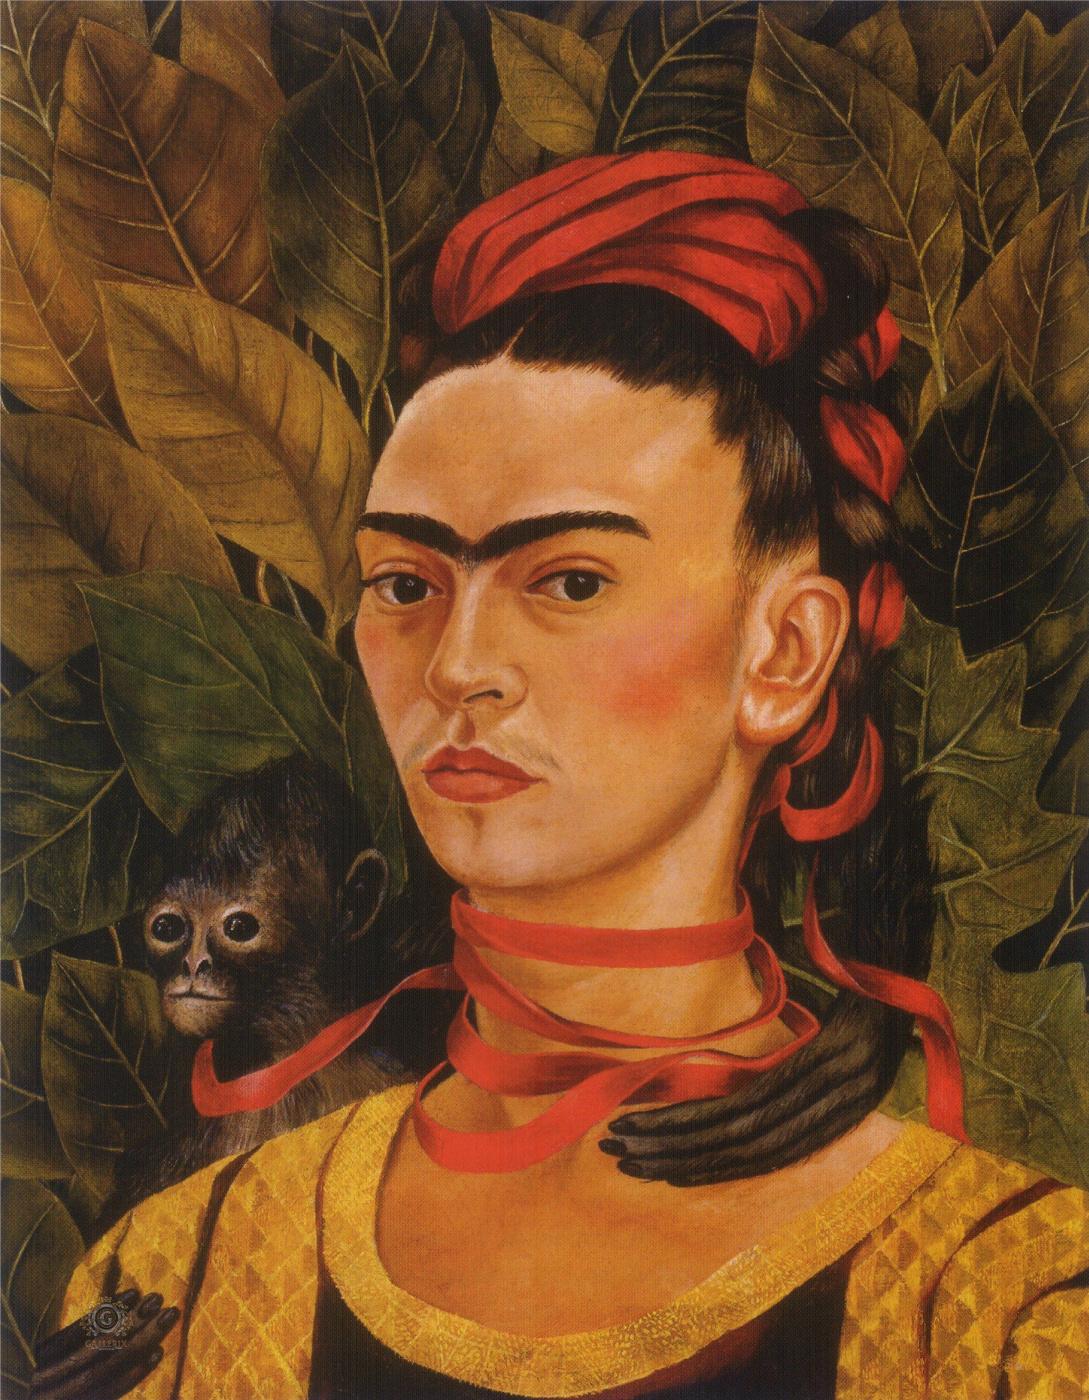 Frida Kahlo. Self-portrait with monkey